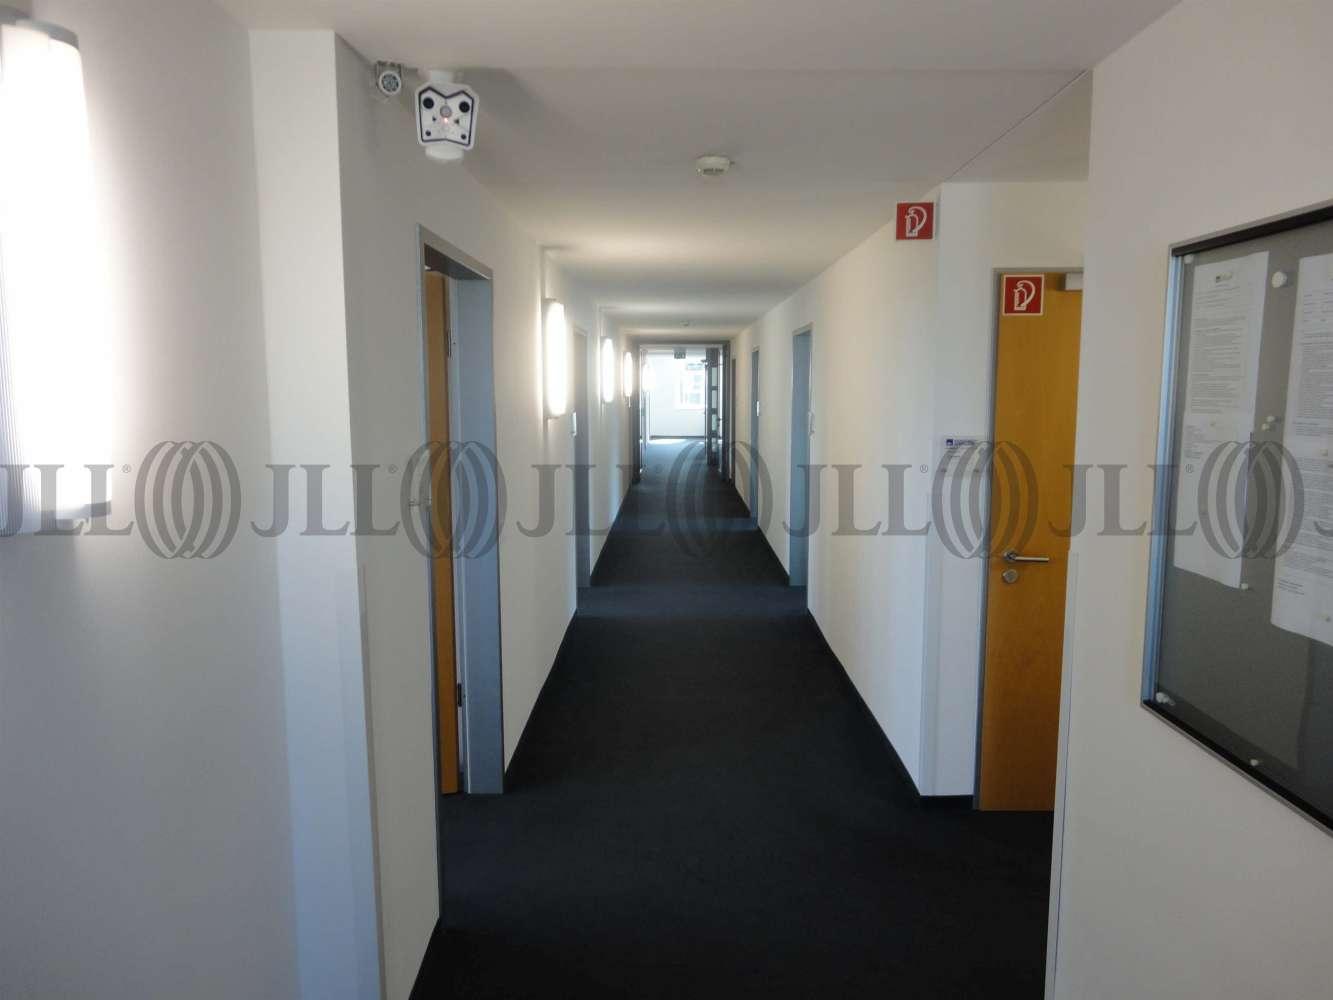 Büros Frankfurt am main, 60313 - Büro - Frankfurt am Main, Innenstadt - F0722 - 10873712